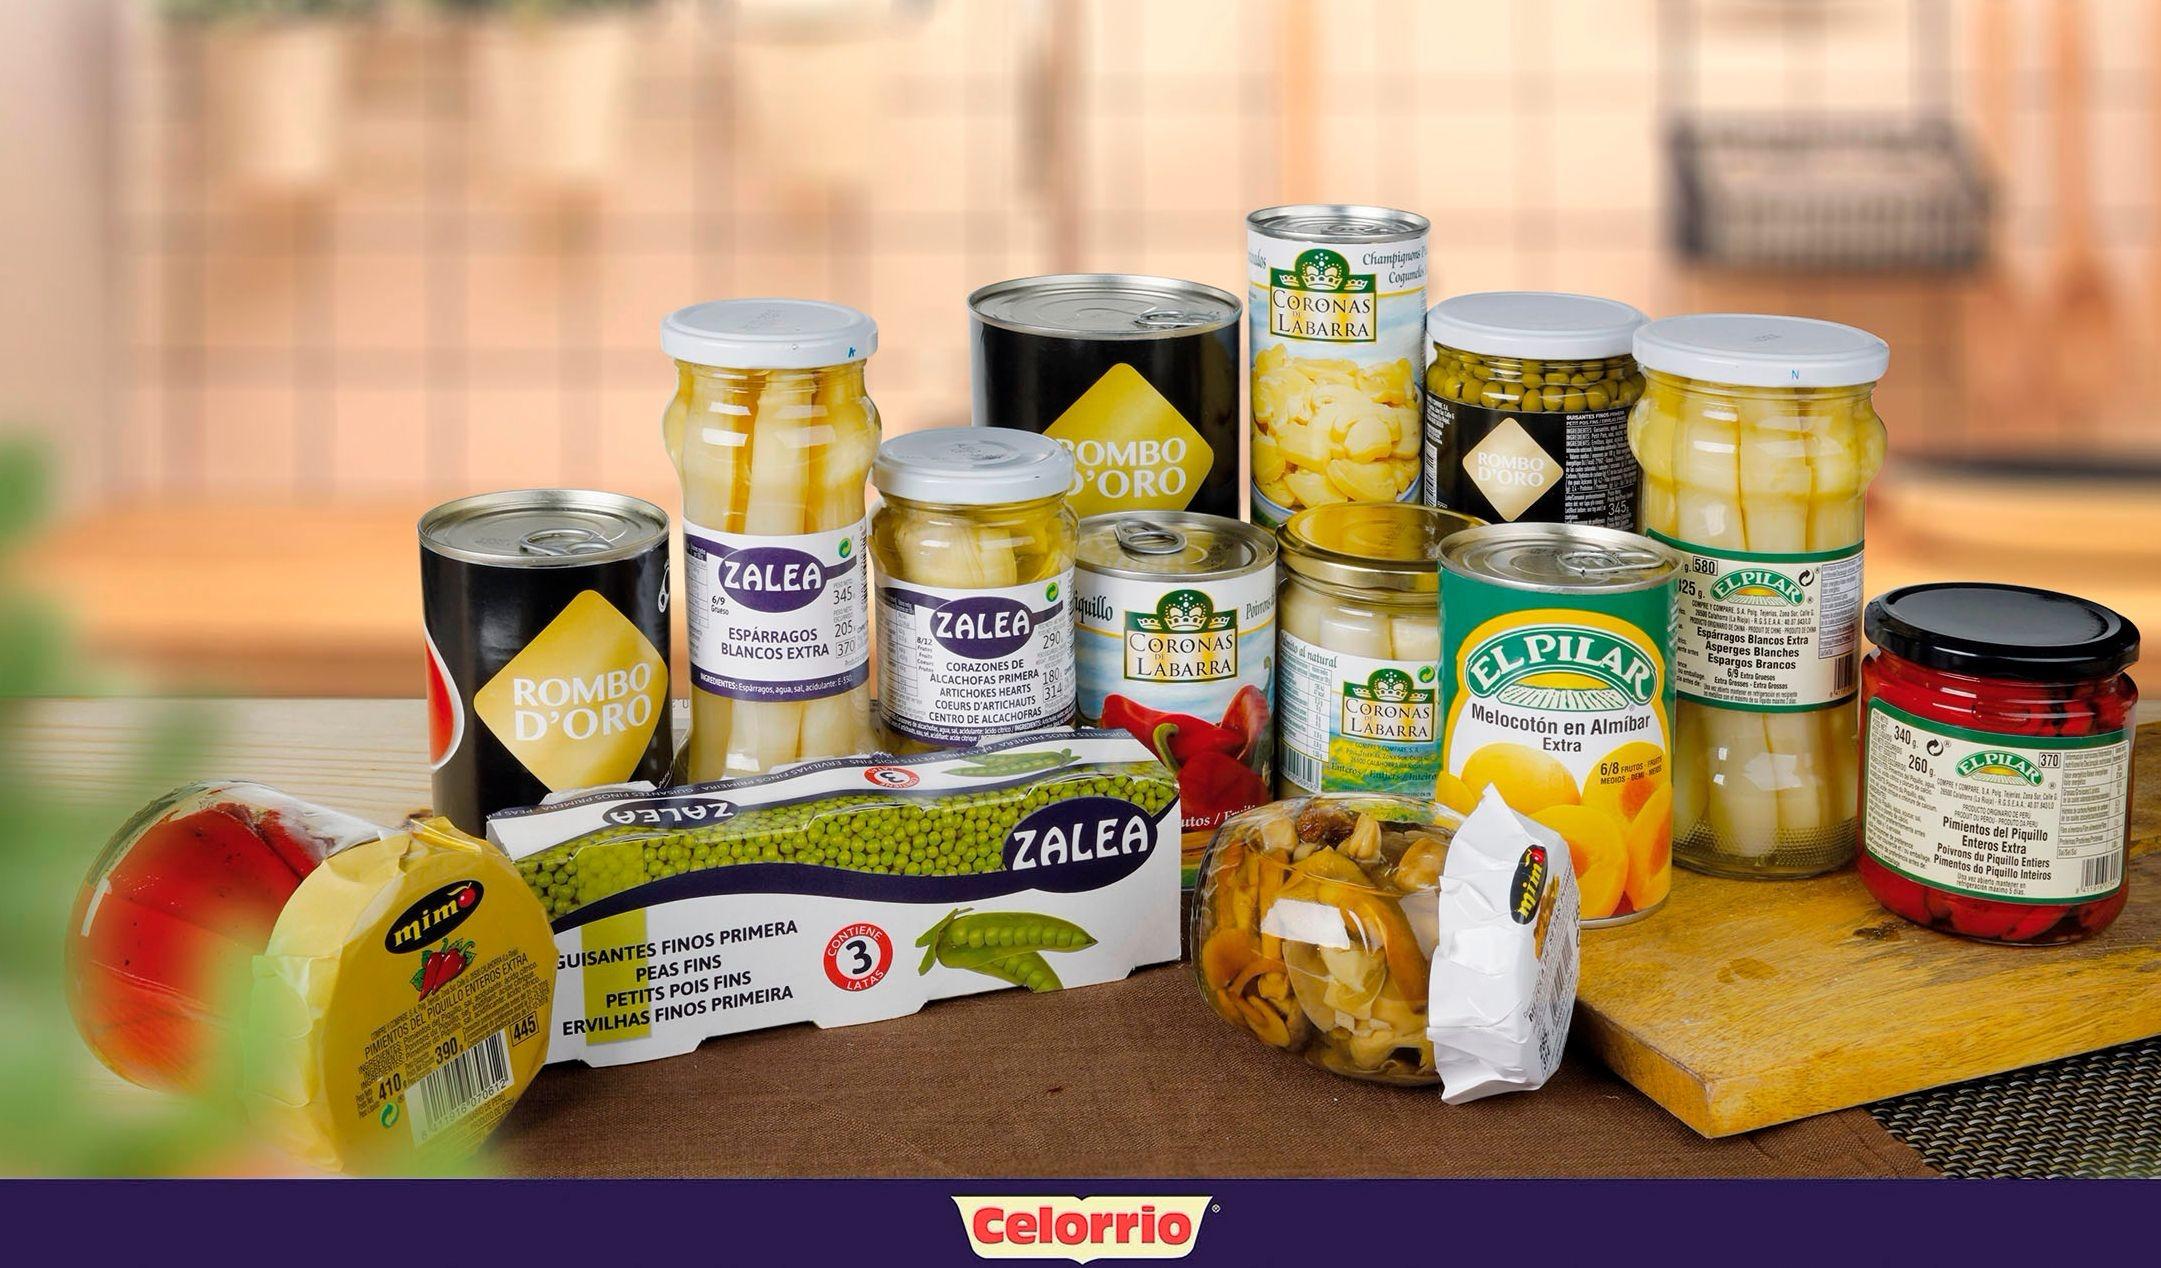 Grupo Celorrio, múltiples marcas y una filosofía: la calidad más fresca